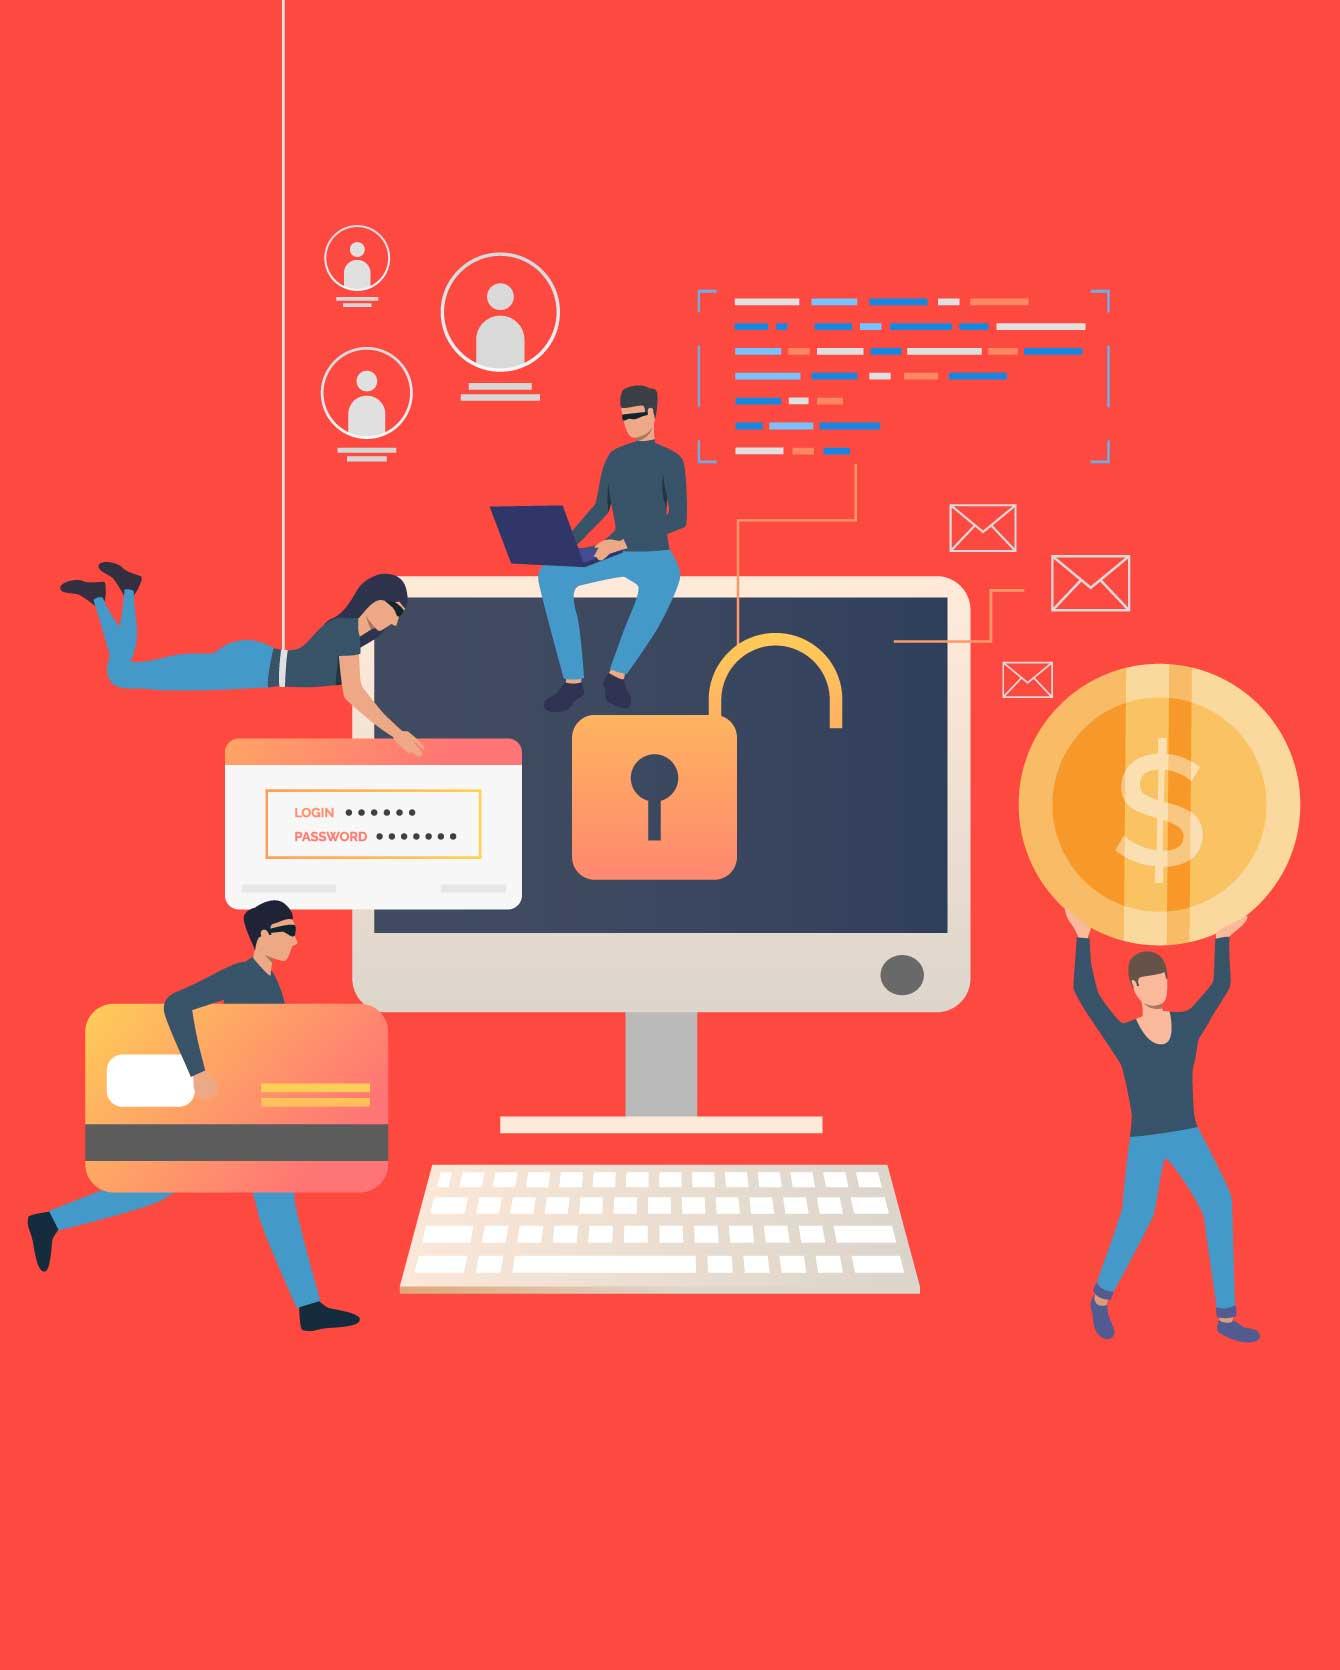 Allarme hacker: campagna di diffusione malware da parte di sLoad